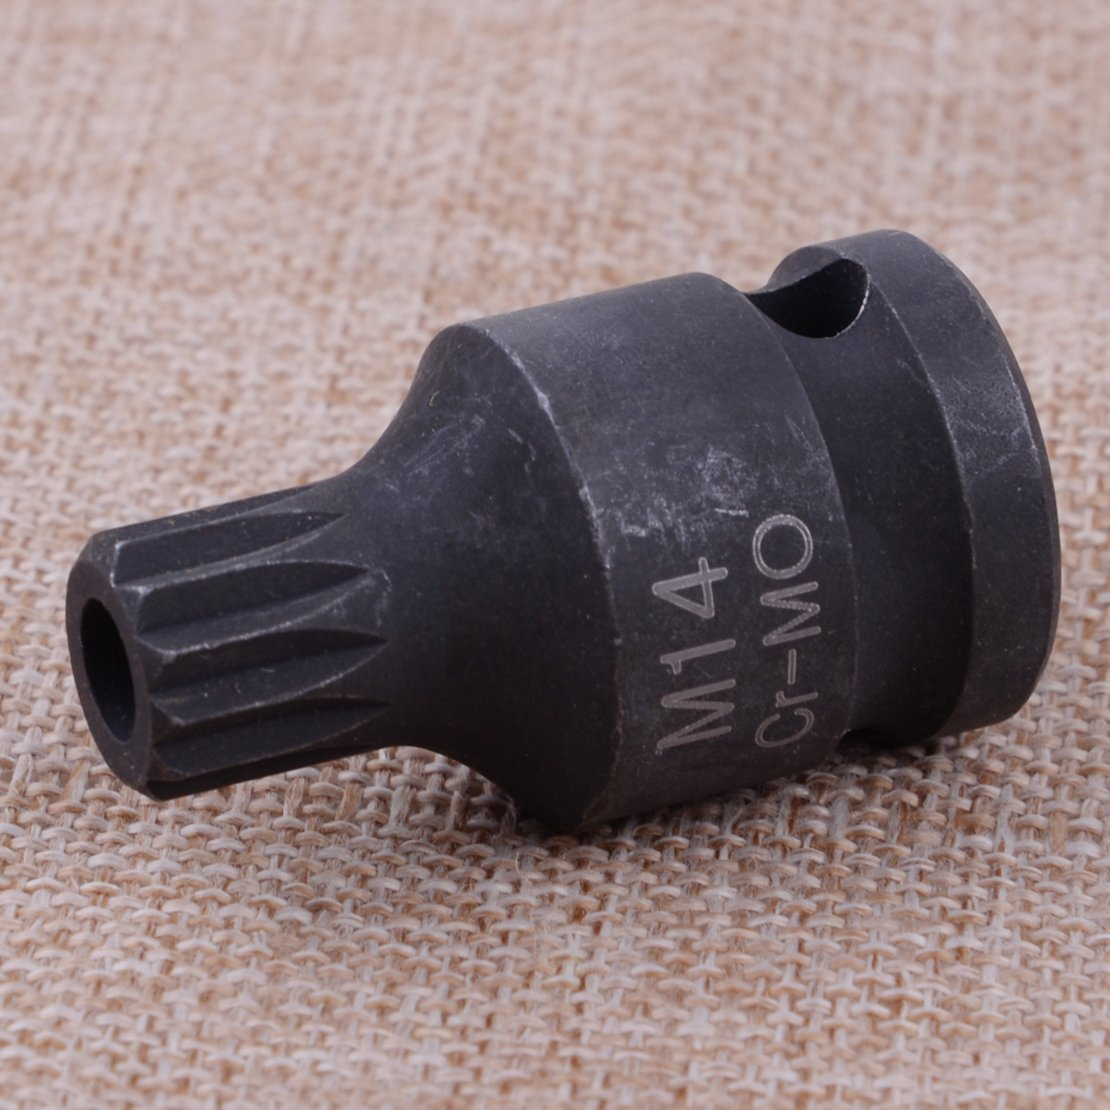 CITALL Douille m/âle /à chocs//carr/é creux 12,5 mm /Étrier de frein arri/ère DR Socket Taille M14 12 livres 1//2 pouce Outil Mat/ériel de Cr-Moly pour VW MKV